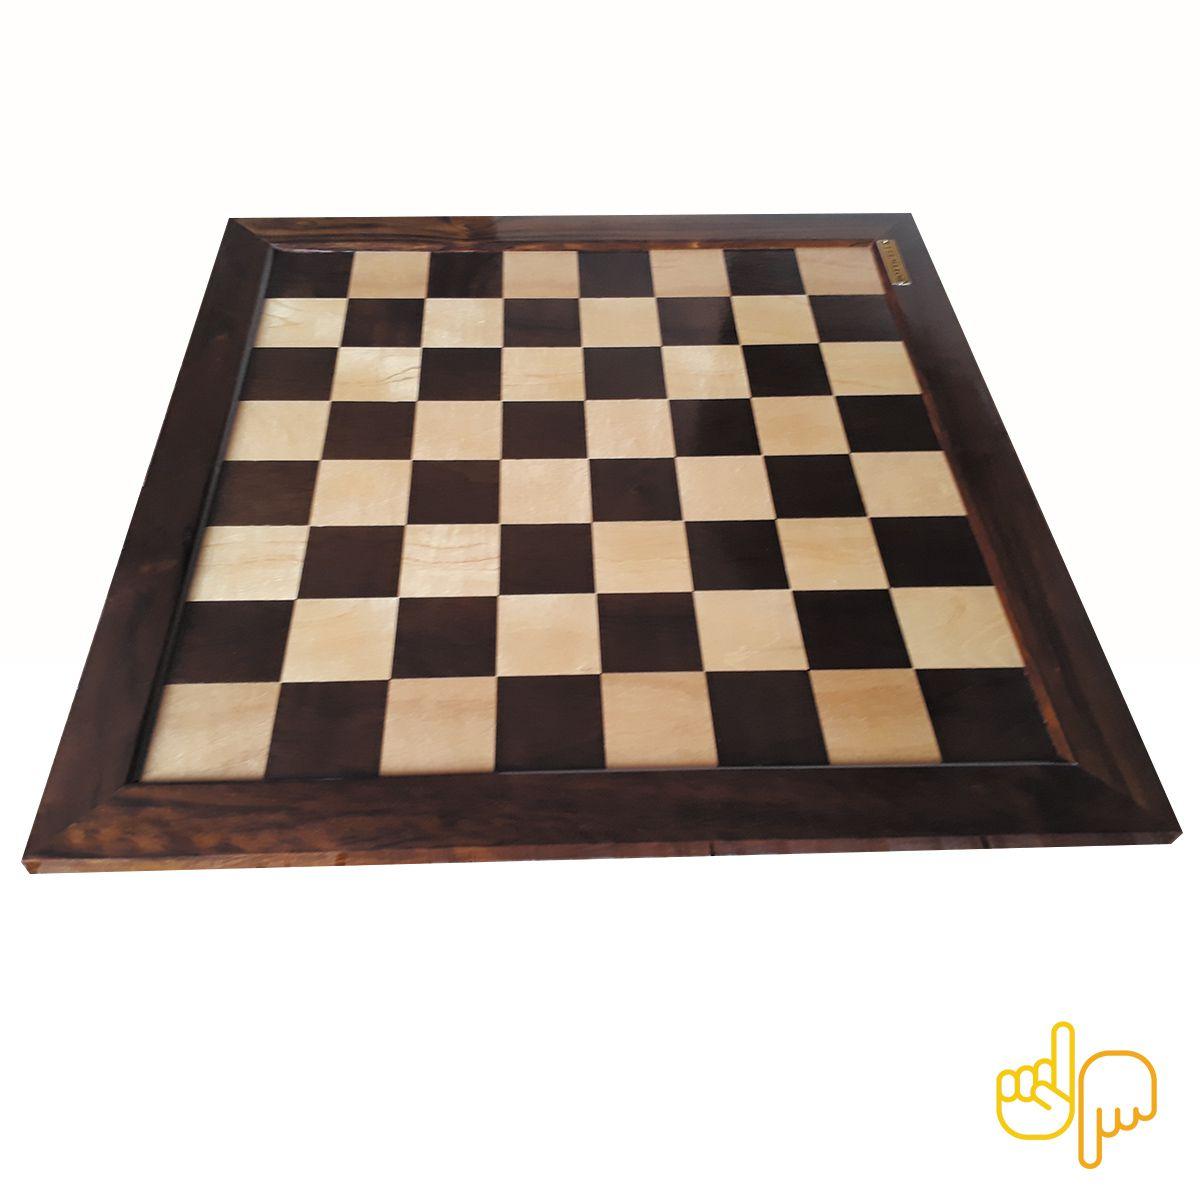 Tabuleiro de Xadrez Plano Marchetado madeira nobre 62 X 62 cm